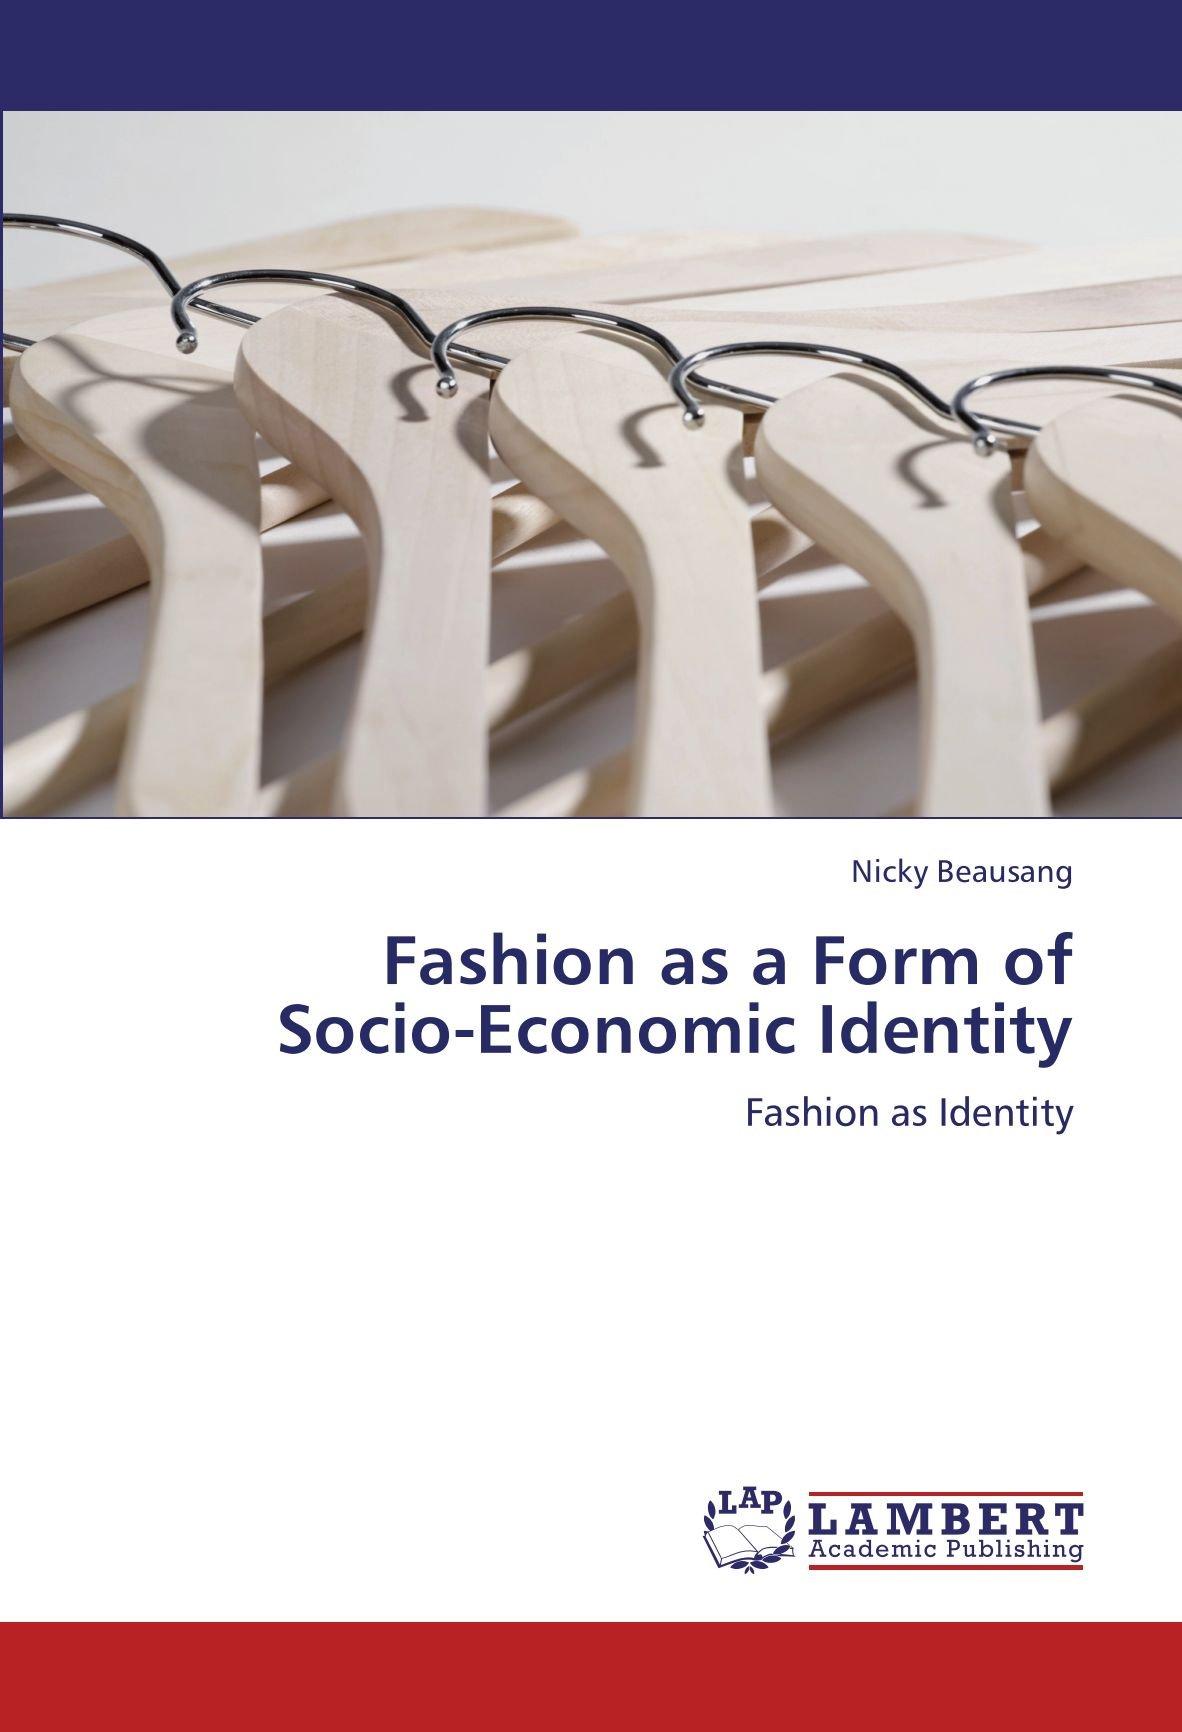 Fashion as a Form of Socio-Economic Identity: Fashion as Identity ebook